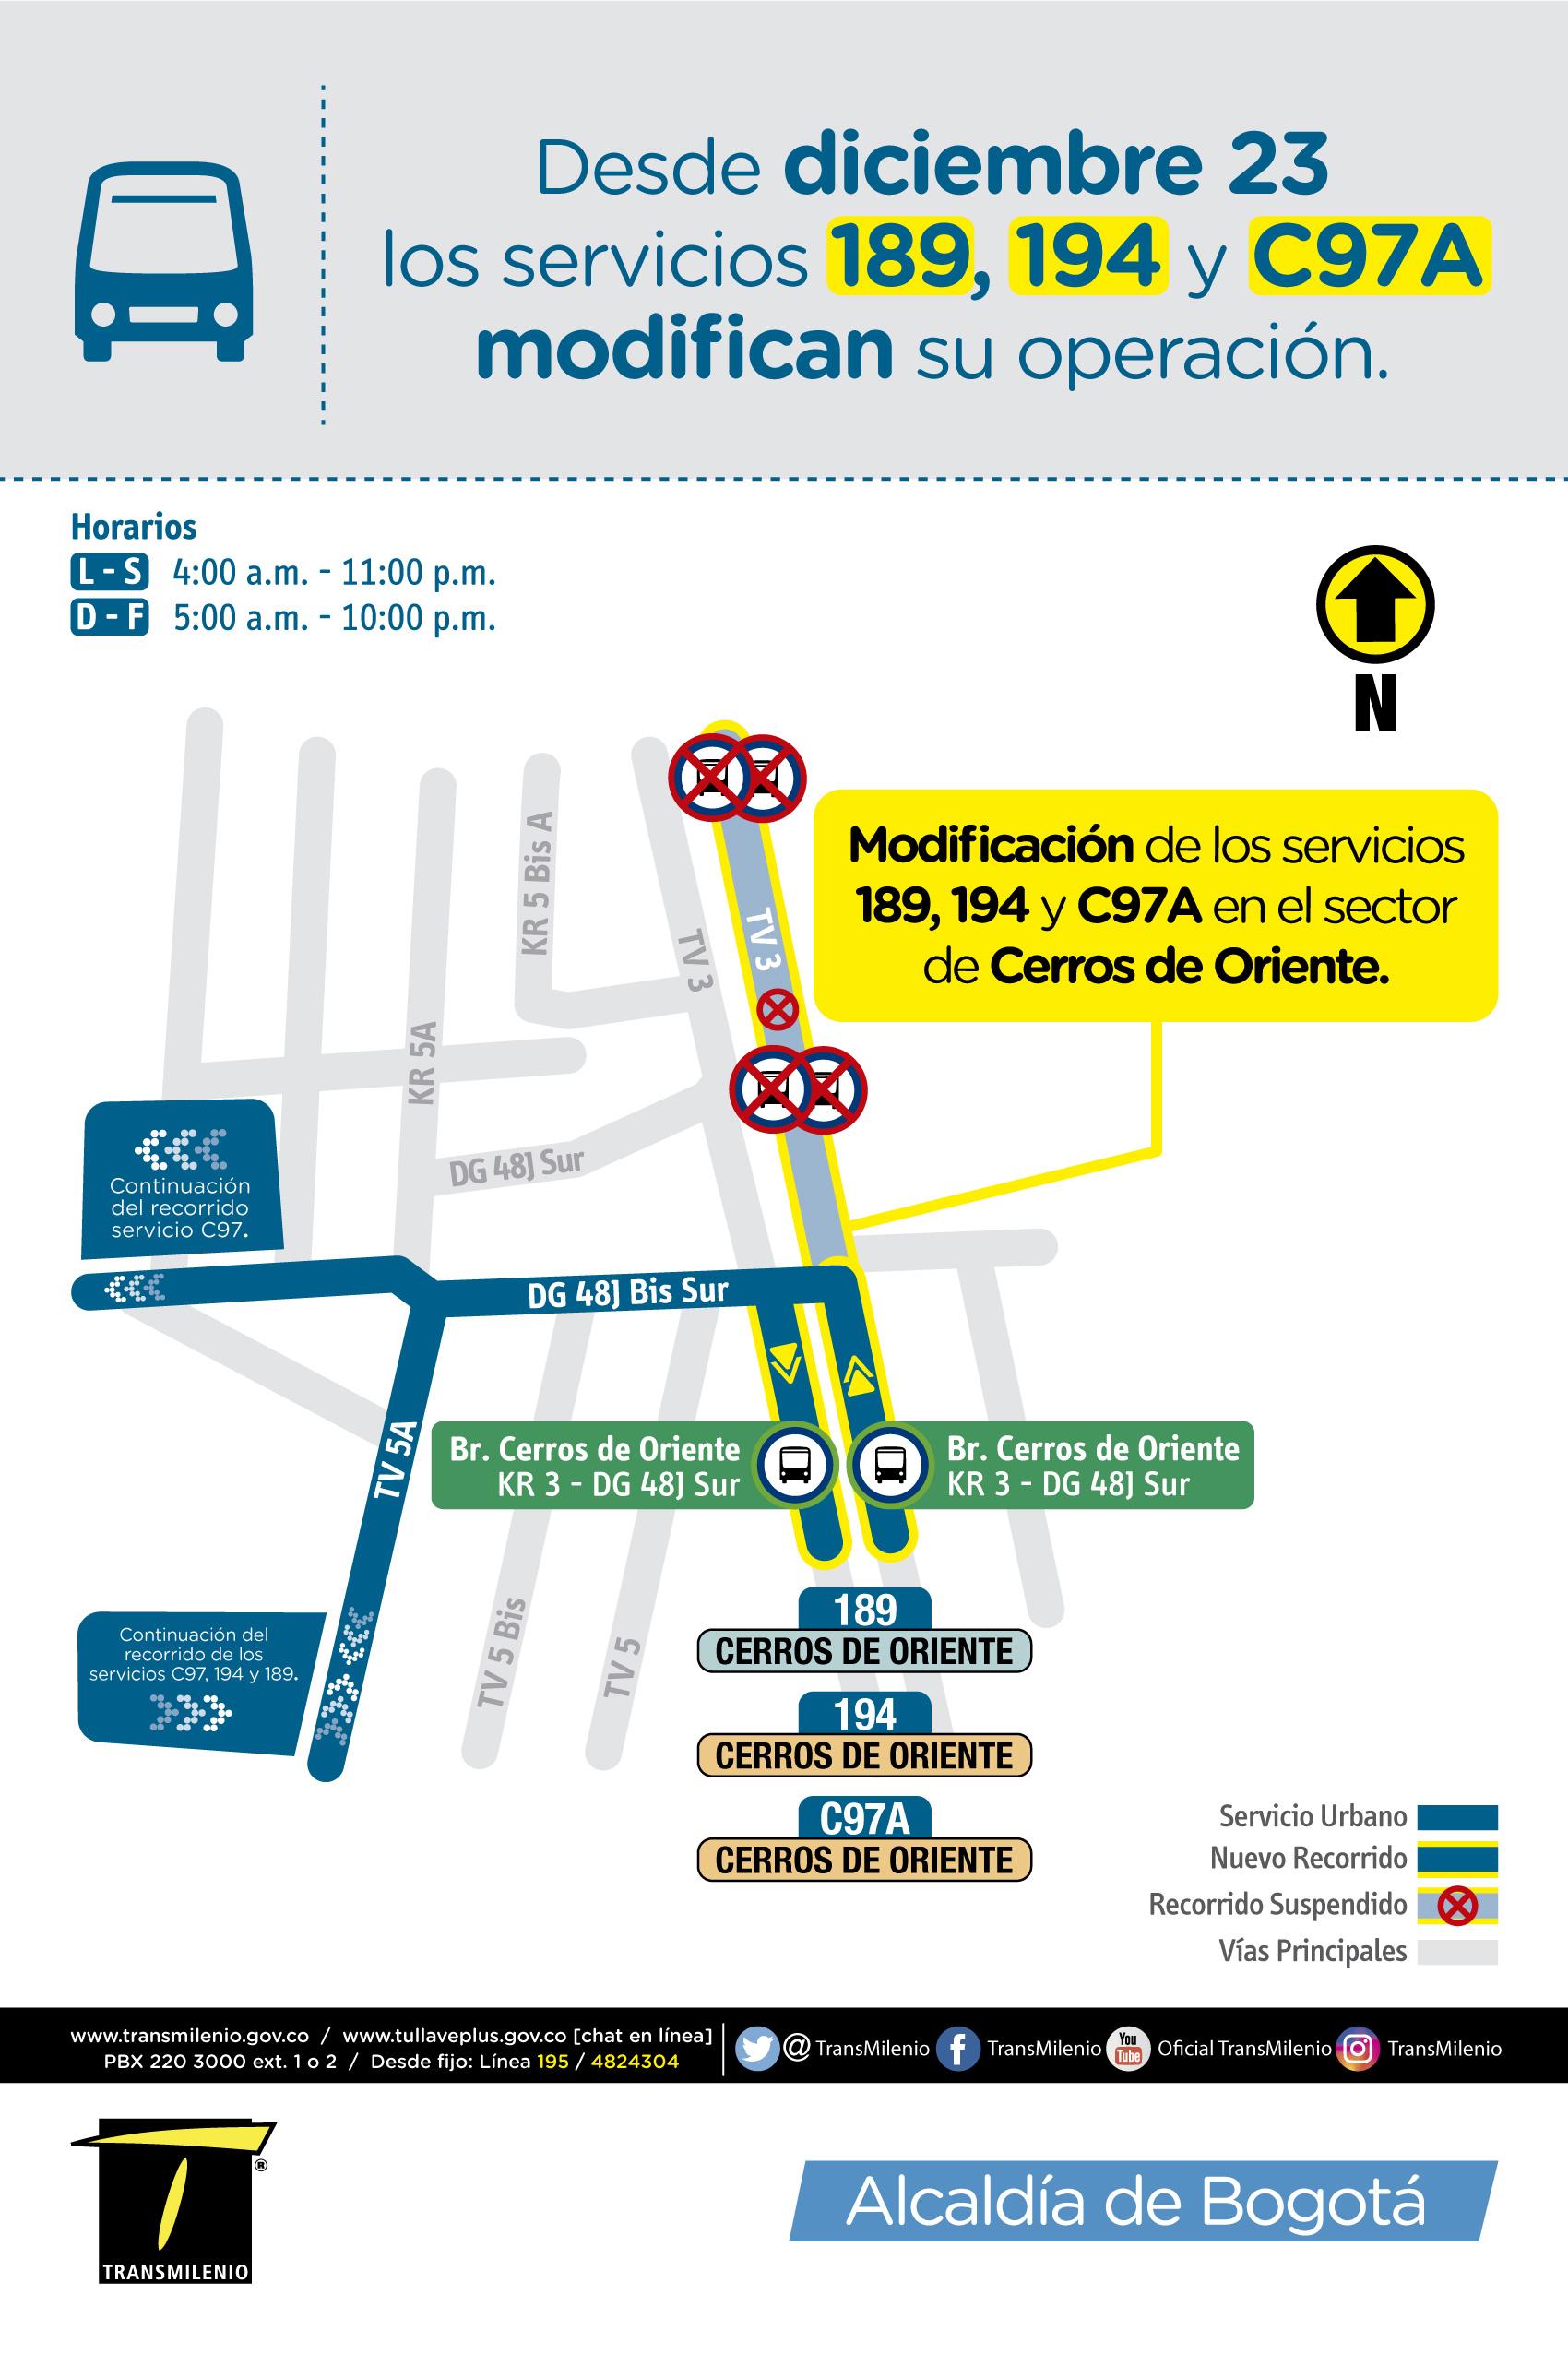 Mapa del cambio operacional de la rutas del SITP 189, 194 y C97A